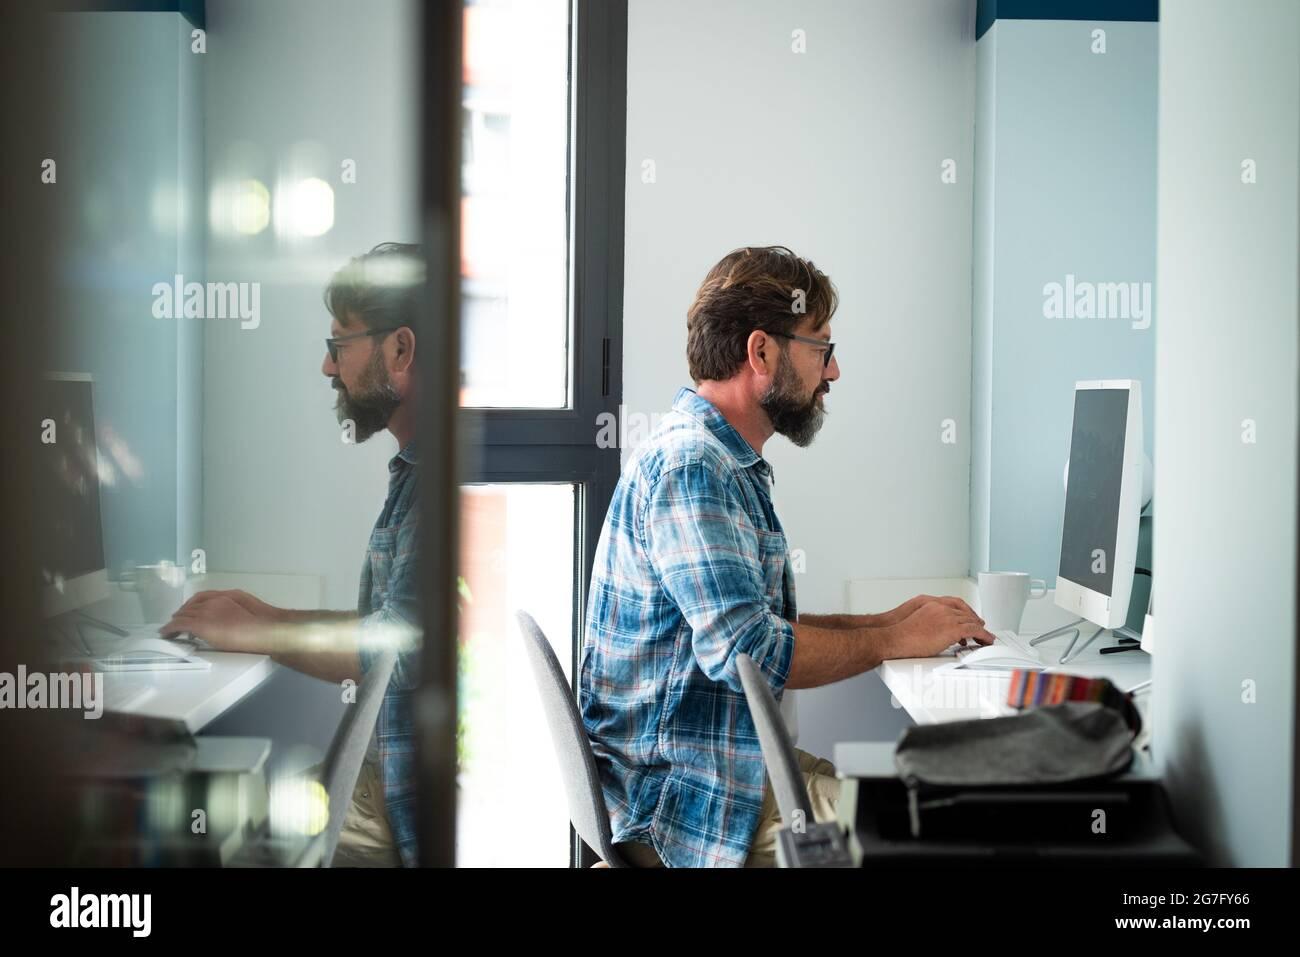 Caucasien freelance personnes homme assis au bureau dactylographiant sur ordinateur de bureau pour le travail en ligne Internet connecté style de vie - hipster adulte homme travaillant Banque D'Images